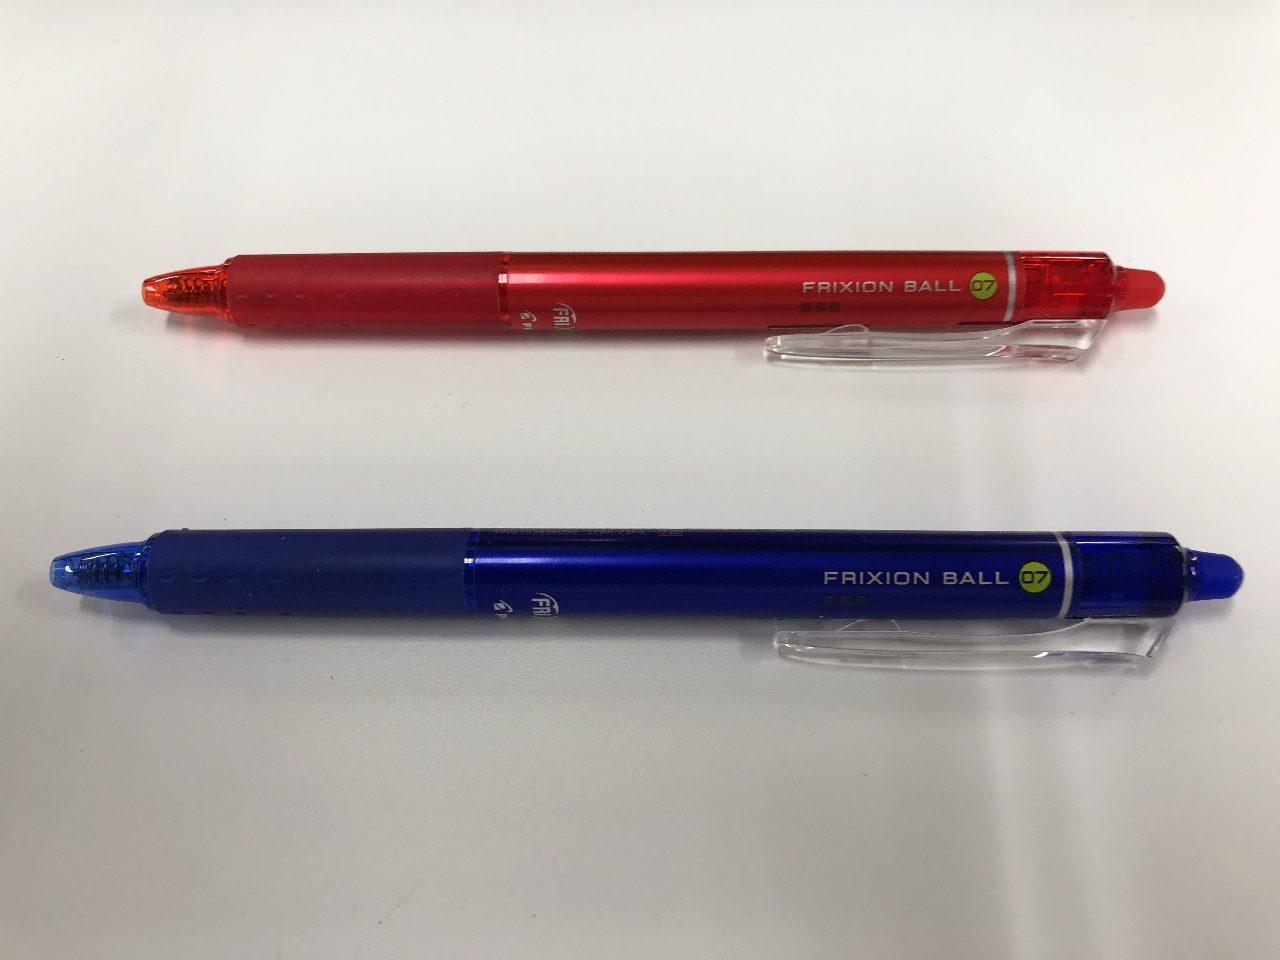 フリクションボールペンを愛してやまない理由